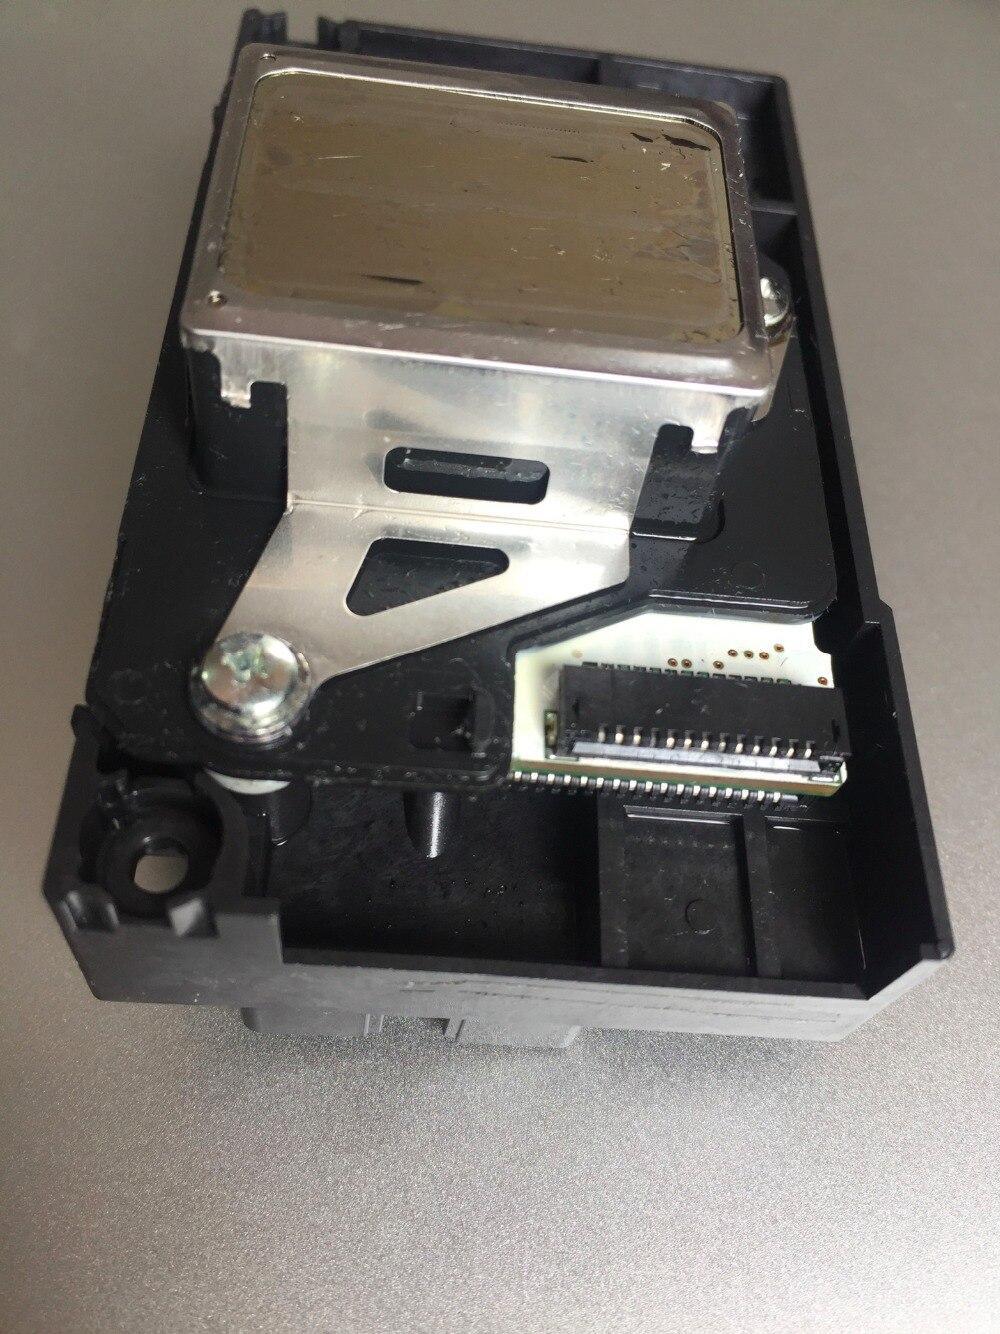 1X F180000 R290 T50 L800 printhead for Epson T50 A50 P50 R290 R280 RX610 RX690 L800 L801 printhead ярославль продаю принтер epson r290